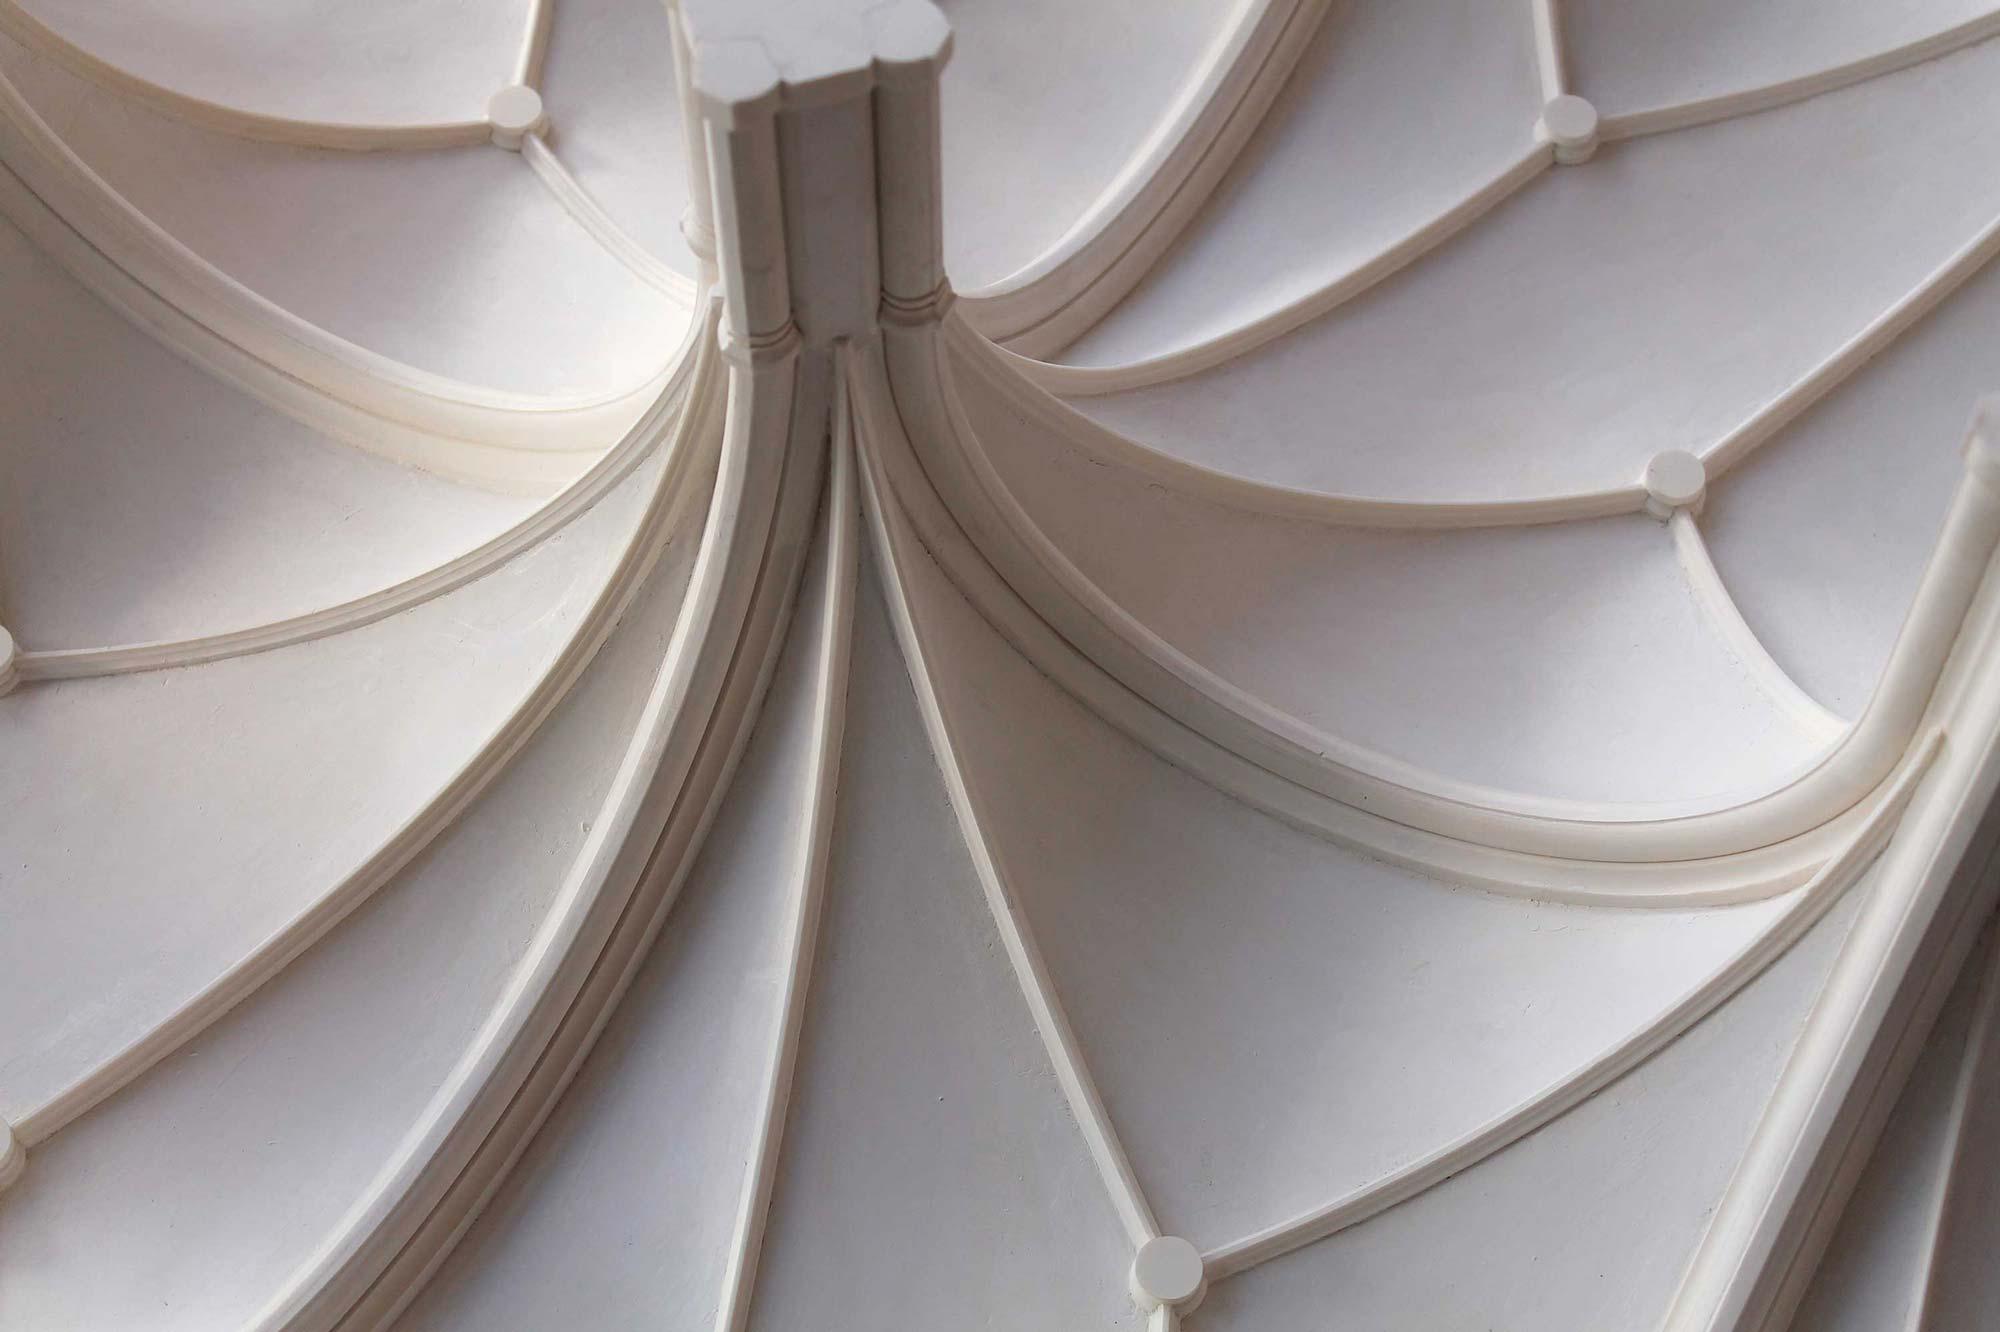 Architekturmodell Rekonstruktion Gewölbe Erkersaal Cadolzburg Detail